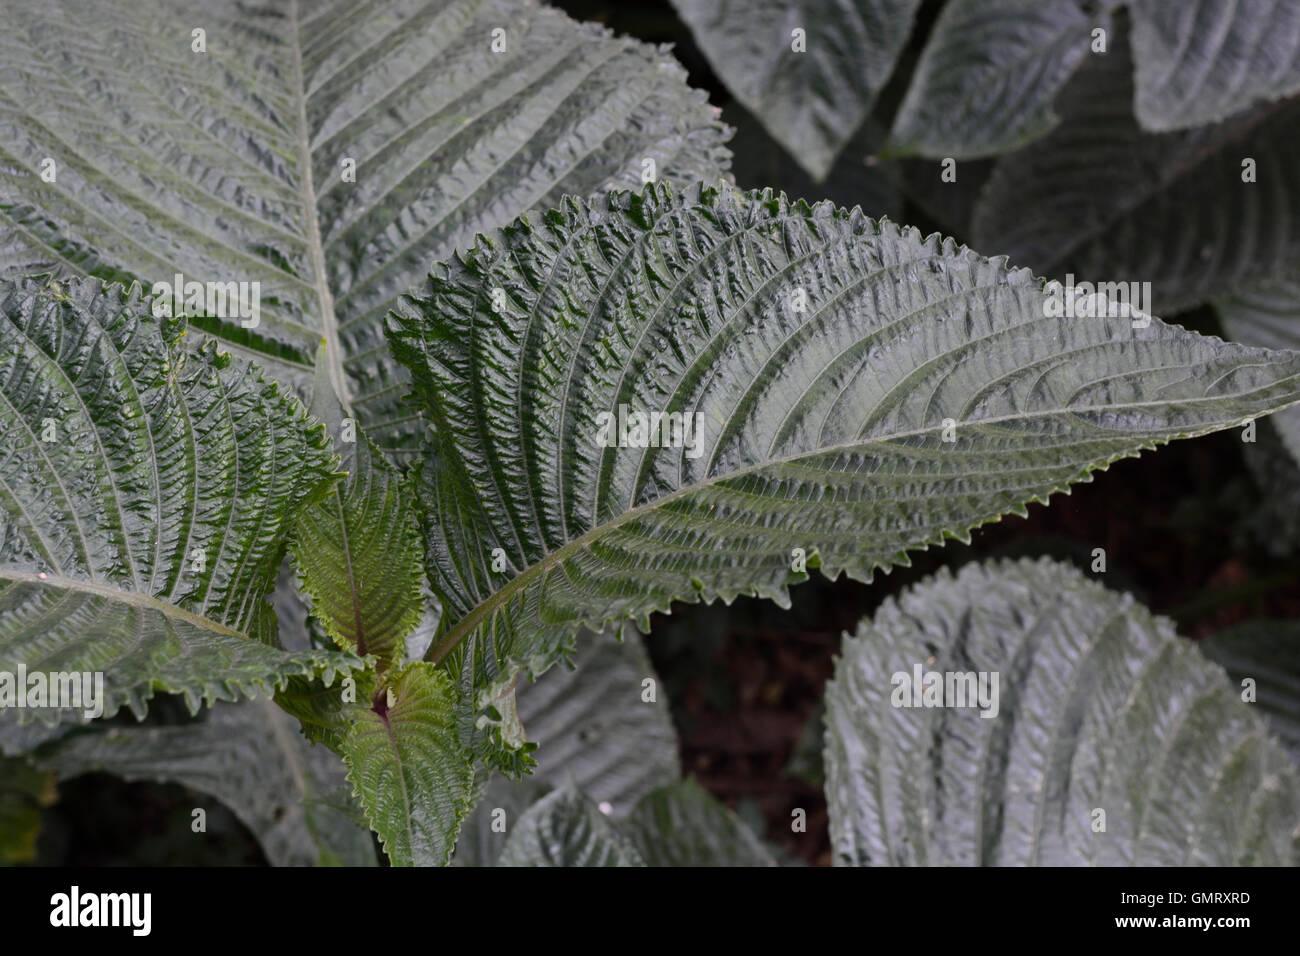 Les feuilles vert foncé texturé pour les fonds avec des veines Photo Stock